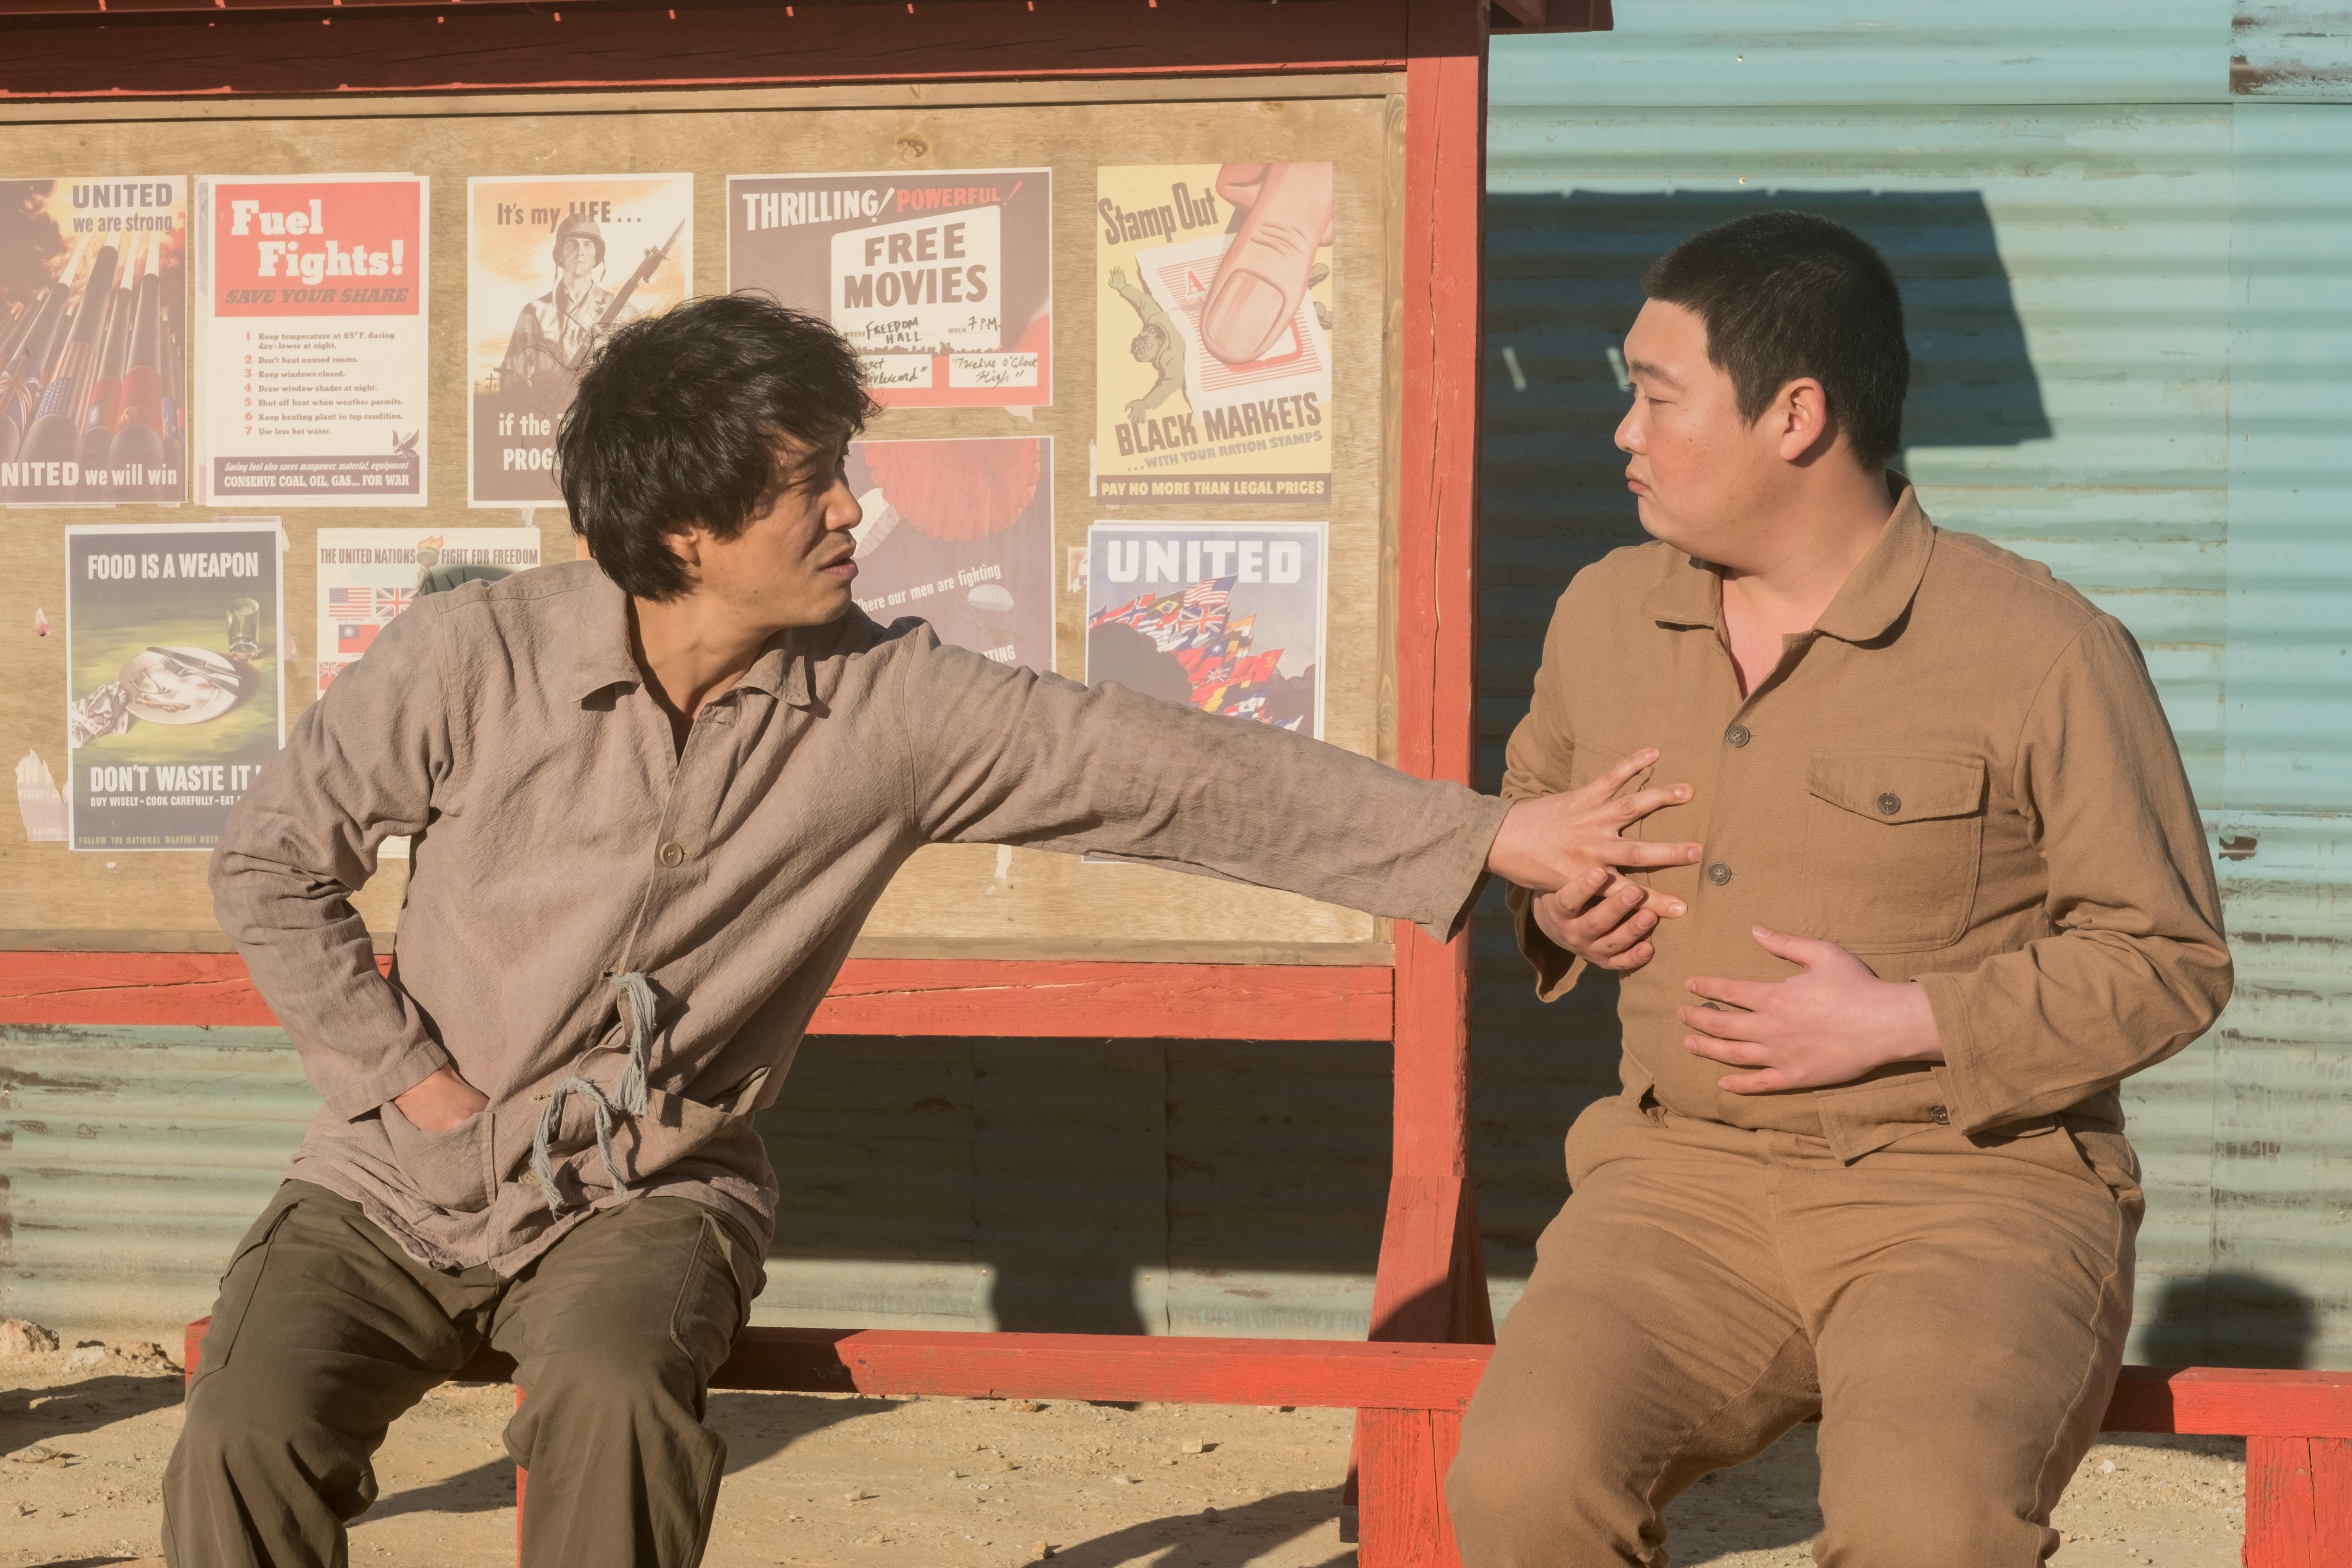 吳政世和金珉熩在戲中起到不俗的搞笑作用